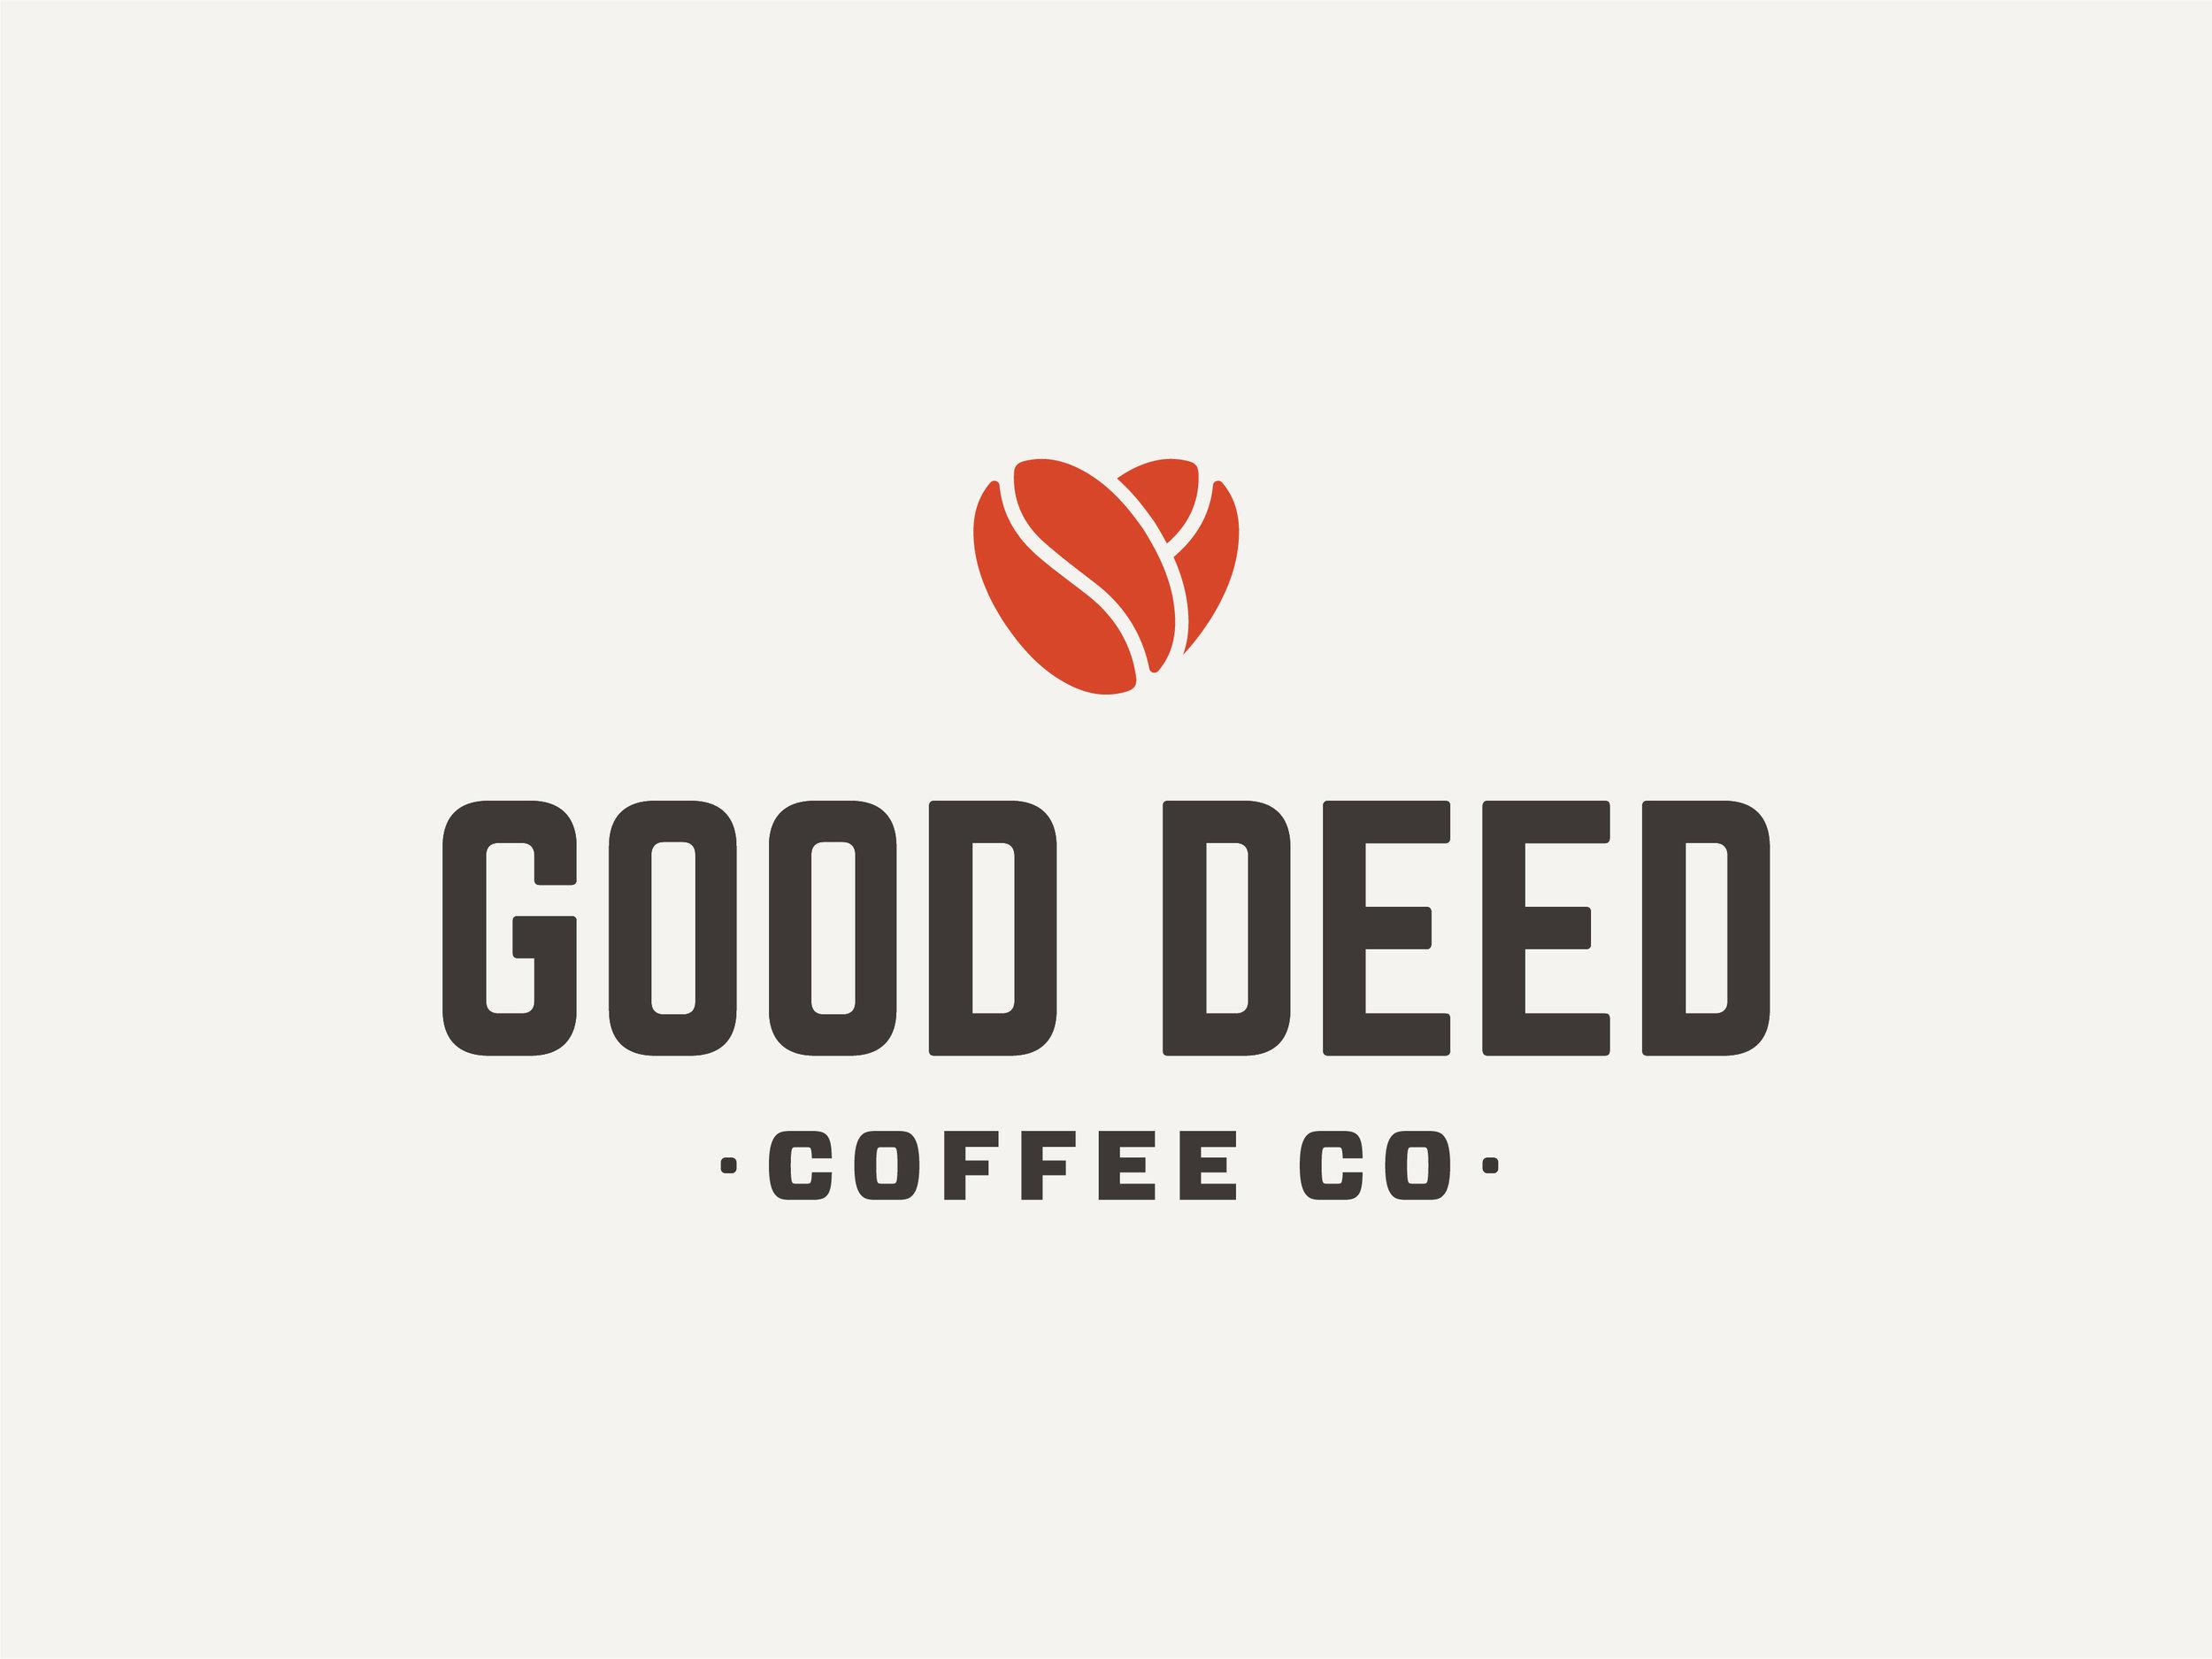 AmyNortman-GoodDeed-CoffeeCo-01